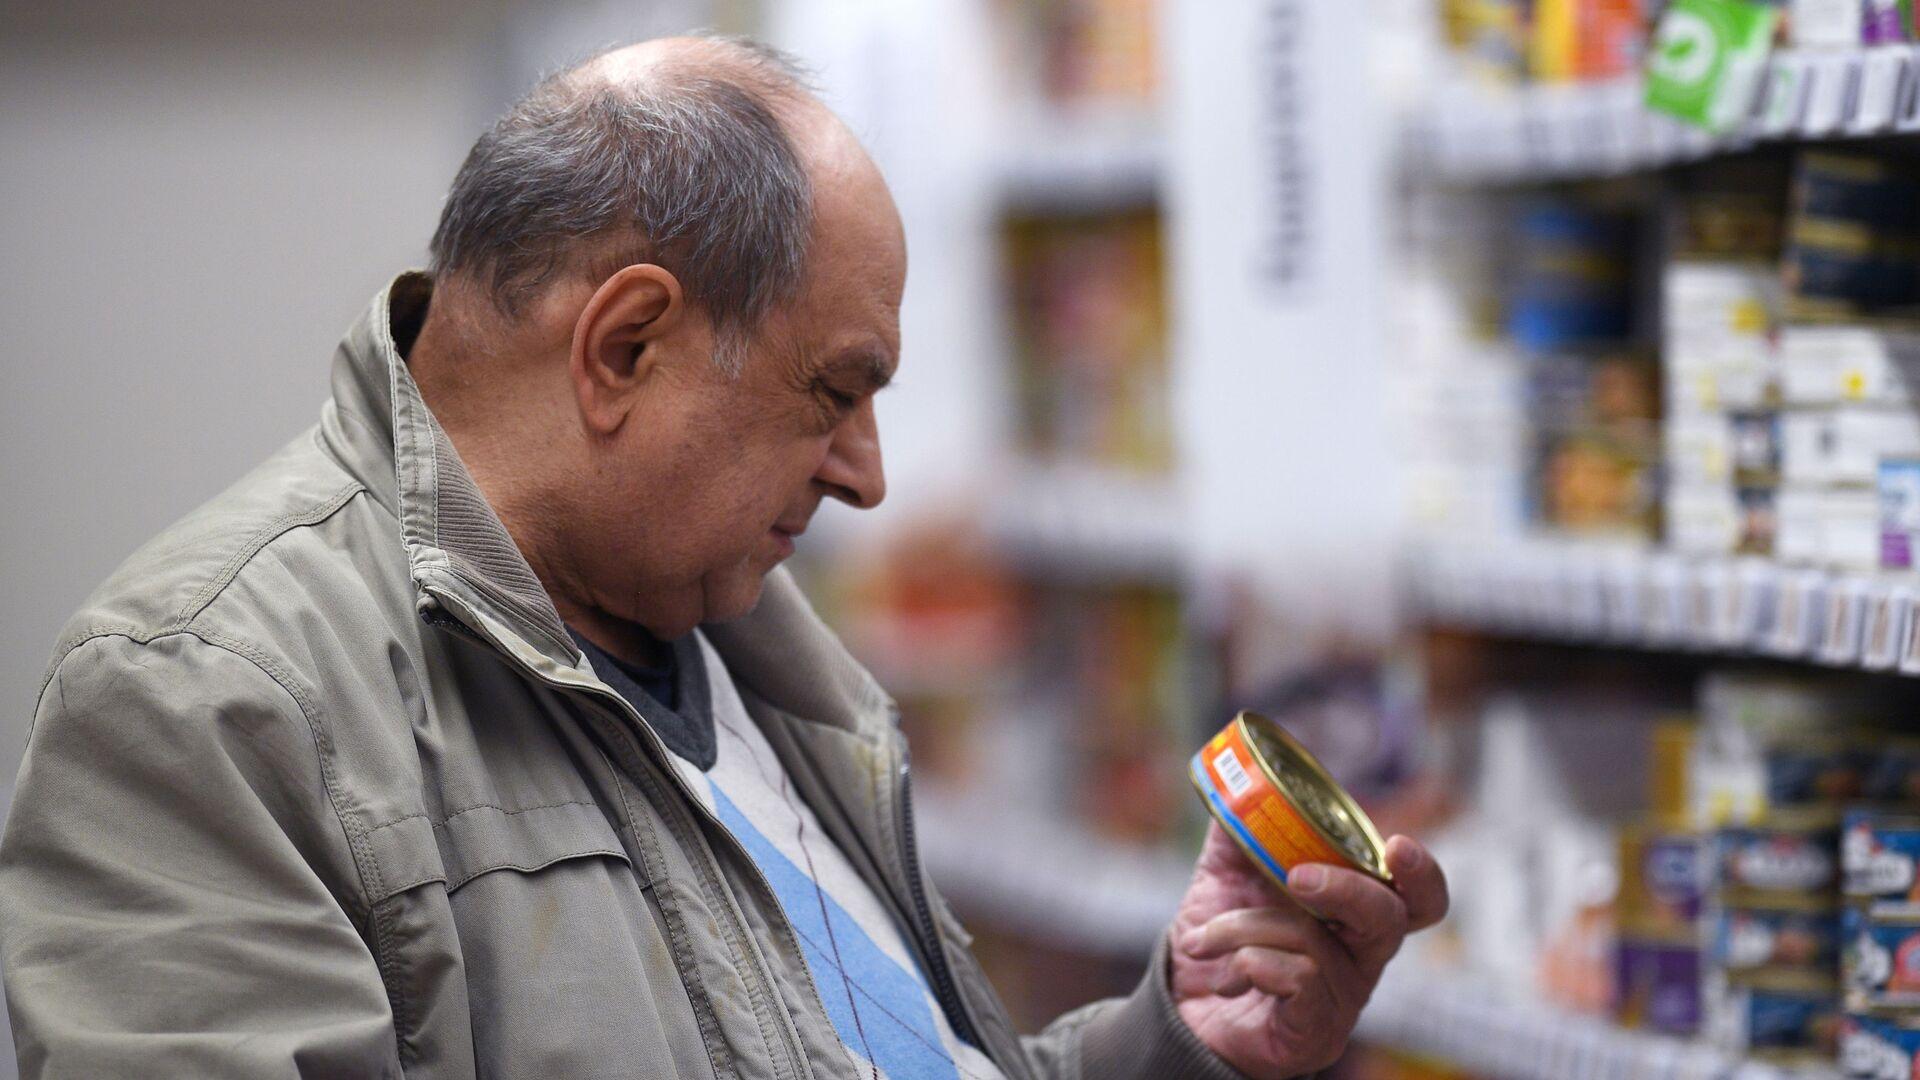 Мужчина рассматривает товар в магазине - РИА Новости, 1920, 19.11.2020